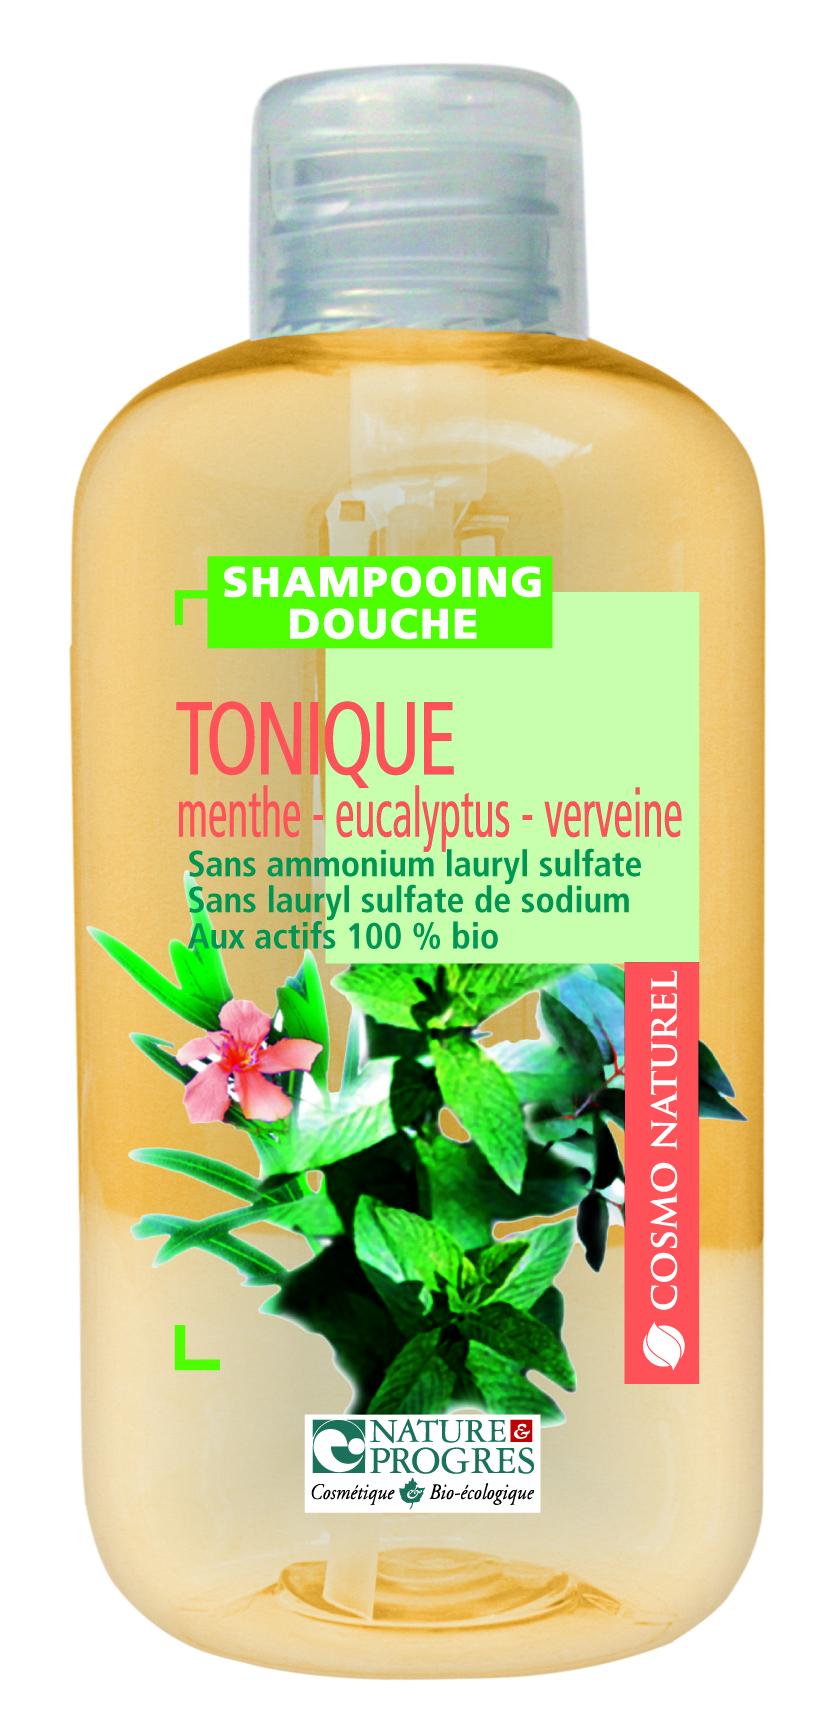 Gravier mignonnette cosmo naturel shampoing douche tonique menthe eucalyptus verveine 50 ml - Demangeaisons jambes apres douche ...